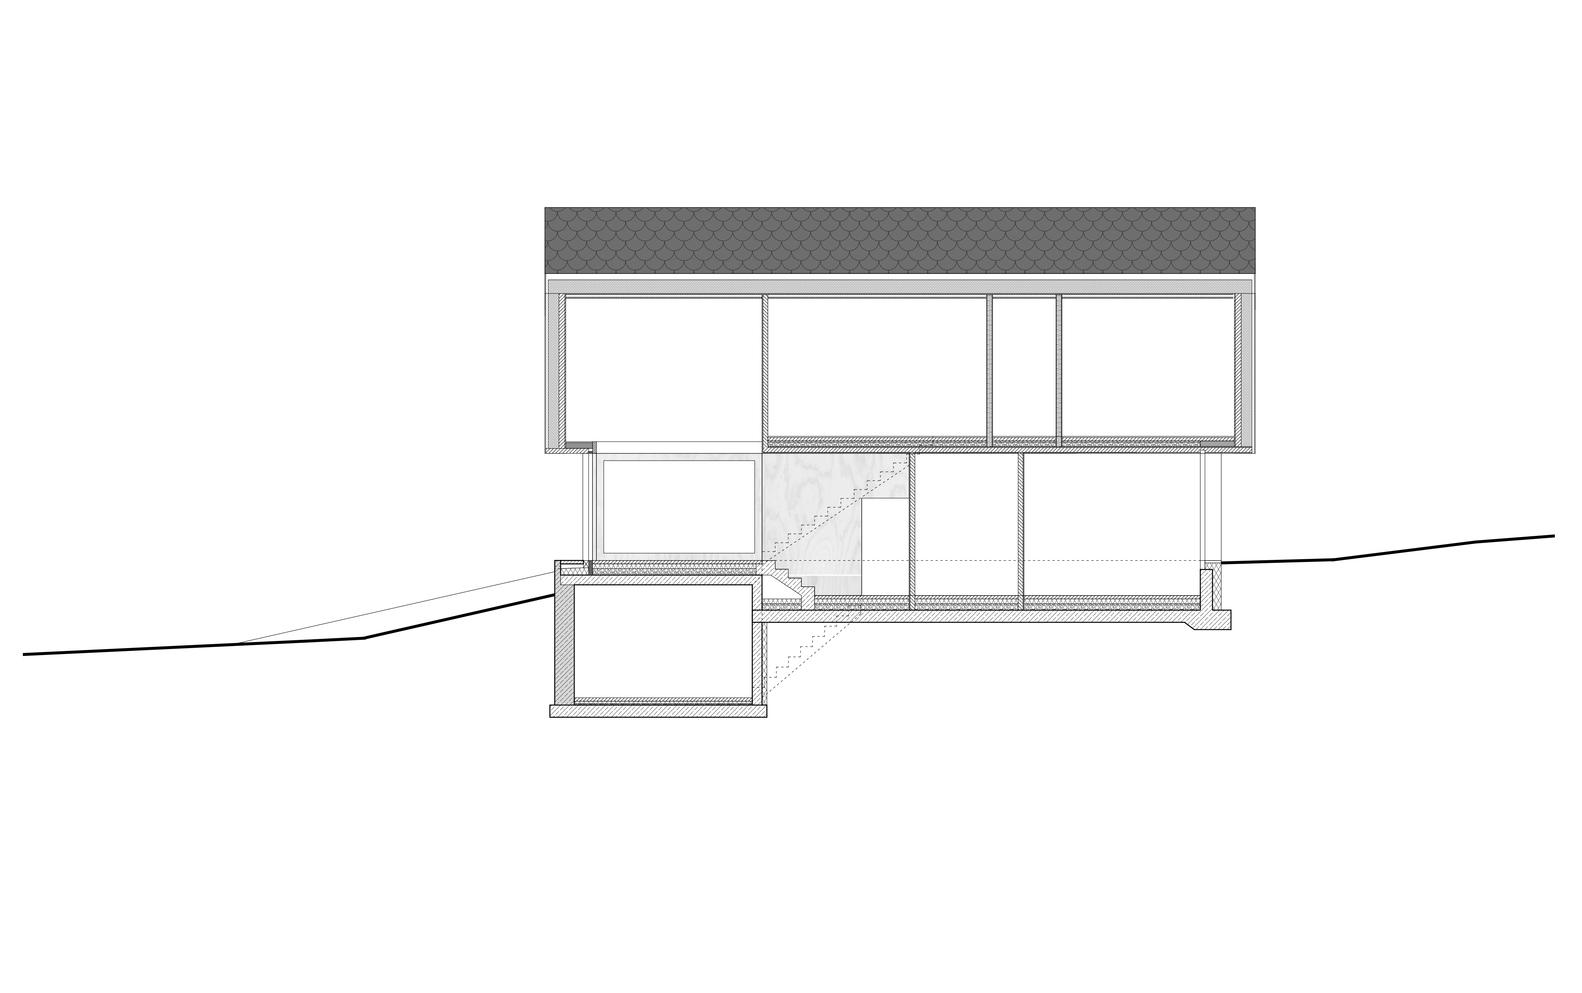 house with gable mia2 architektur [ 1582 x 993 Pixel ]